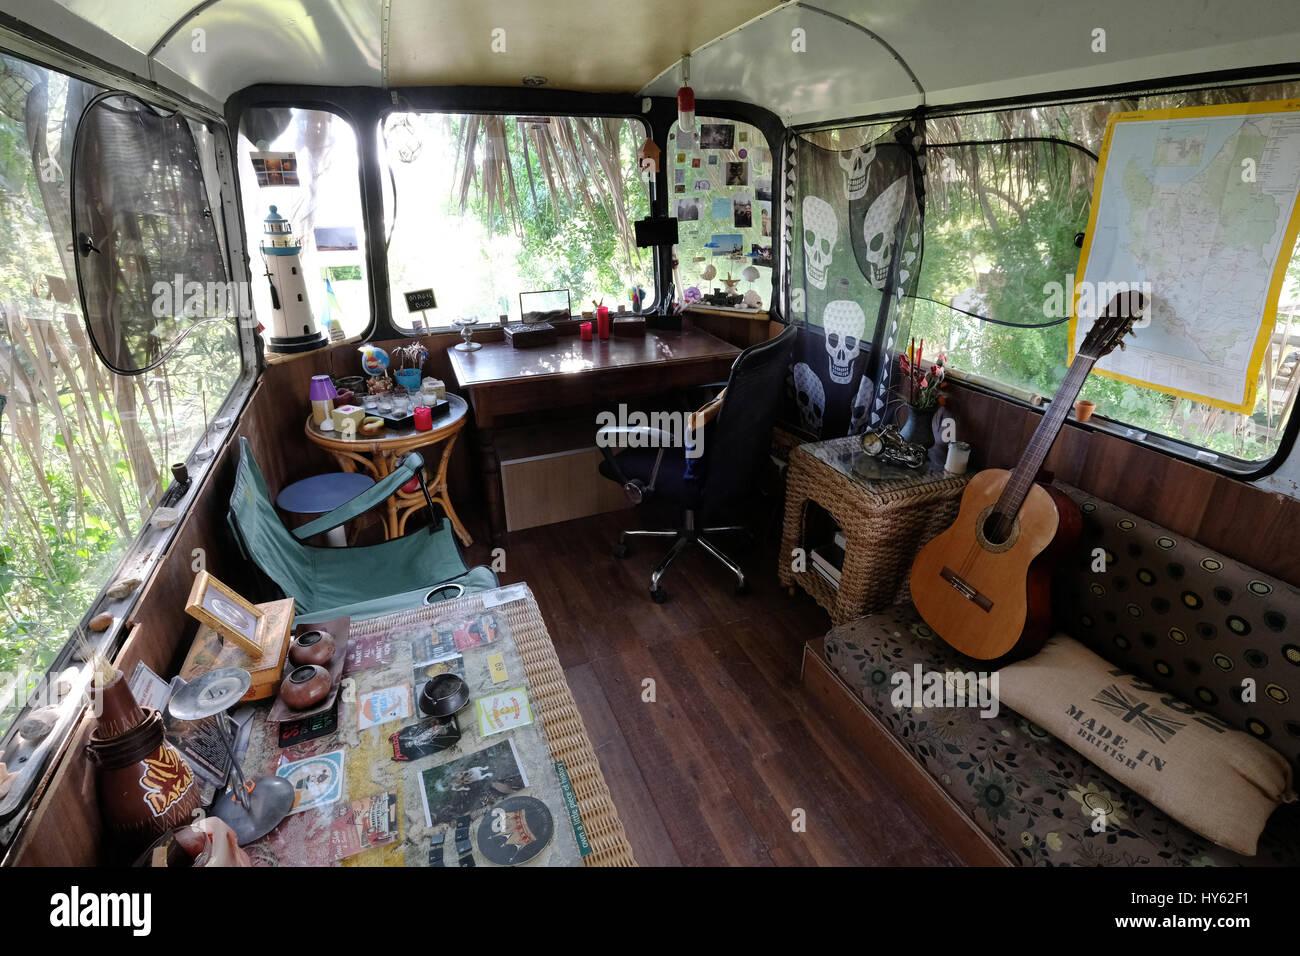 Backpacker Justine è di stare in un vecchio autobus in Paphos, Cipro. Il bus è stato fornito come un alloggio Immagini Stock